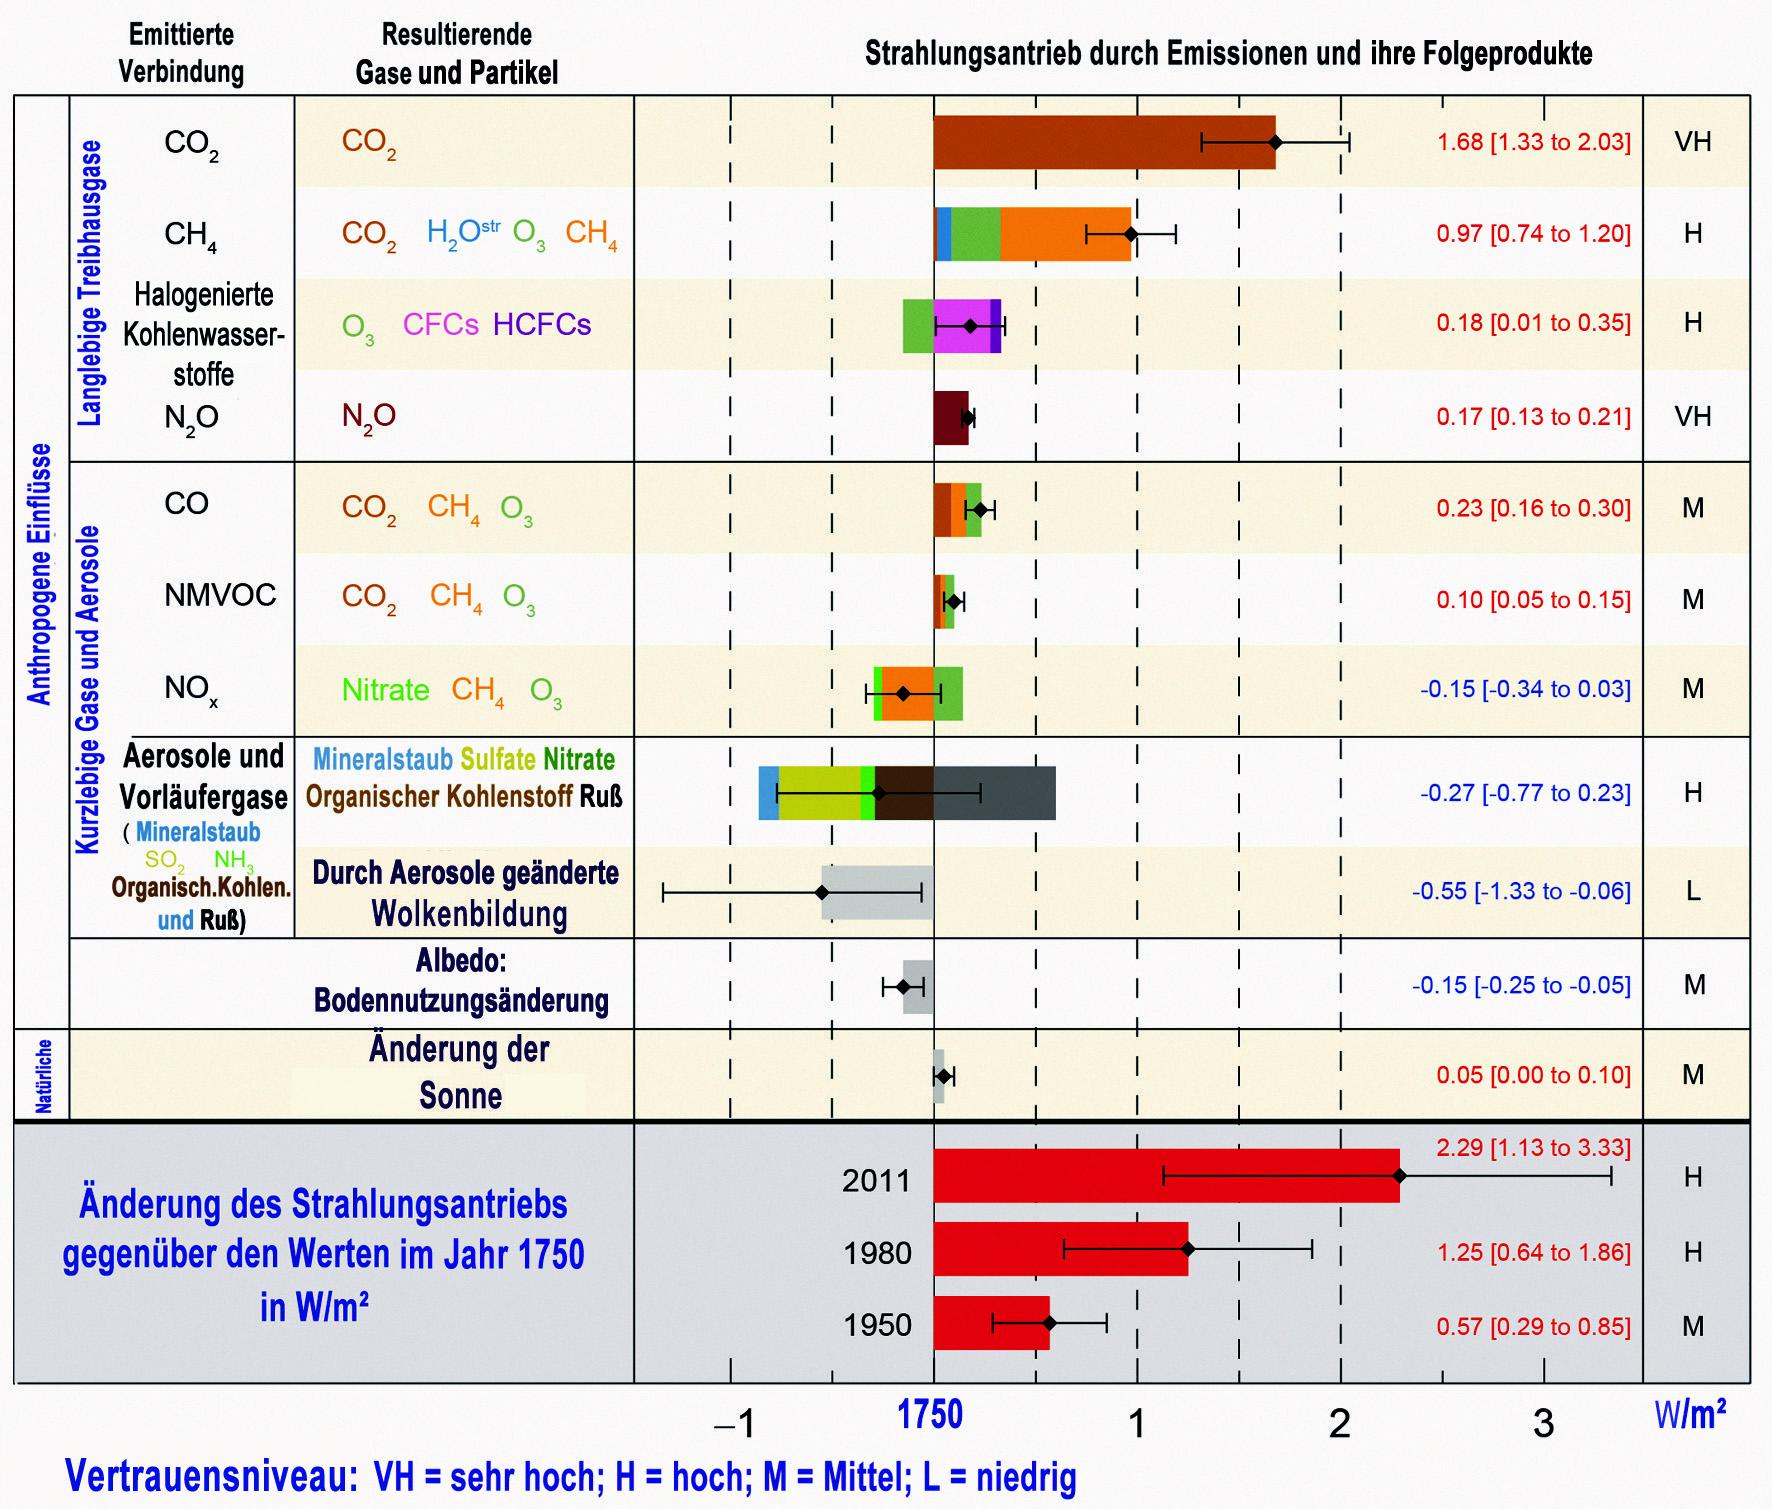 Strahlungsantrieb durch anthropogene Treibhausgase, Aerosole (direkt und indirekt) und Landnutzungsänderungen seit 1750